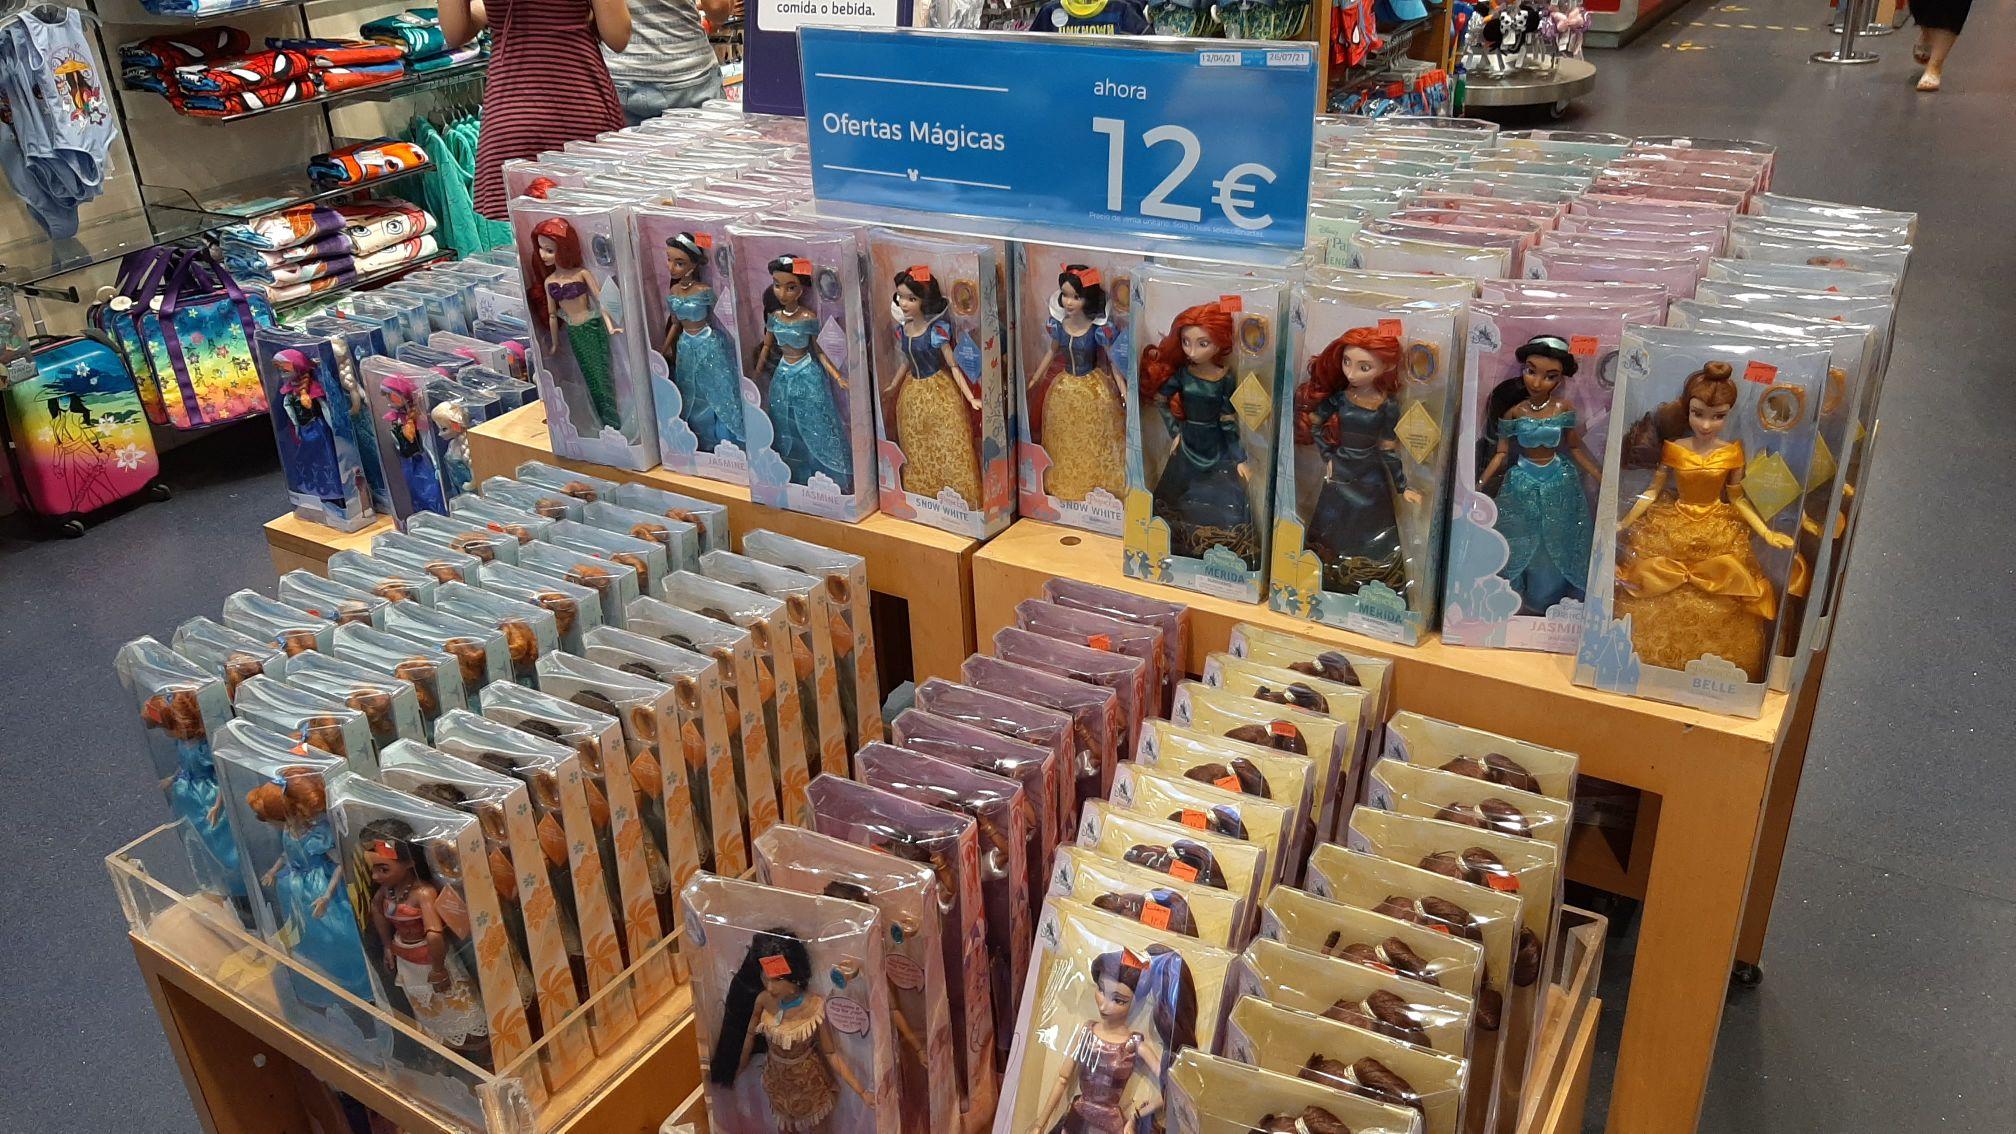 Muñecas de las Princesas a 12€ en Disney Store Parquesur